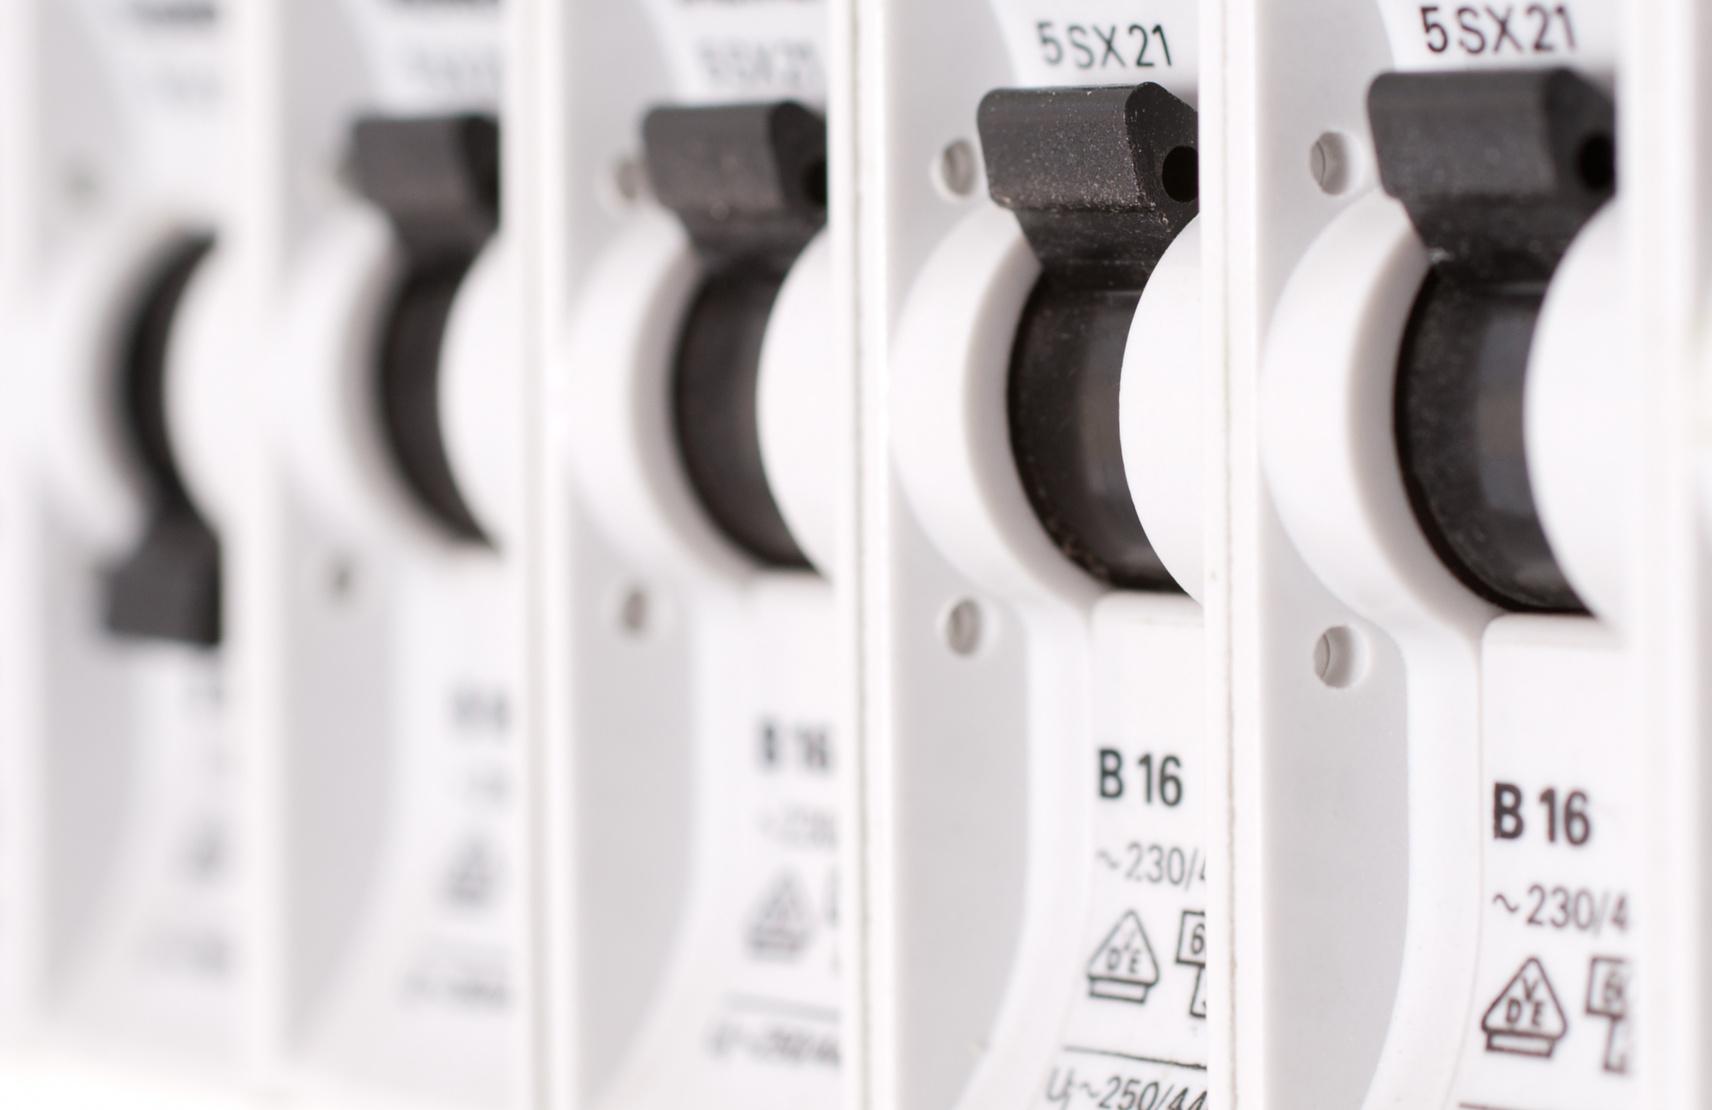 Changer un fusible la m thode tape par tape - Comment savoir si un fusible est grille ...